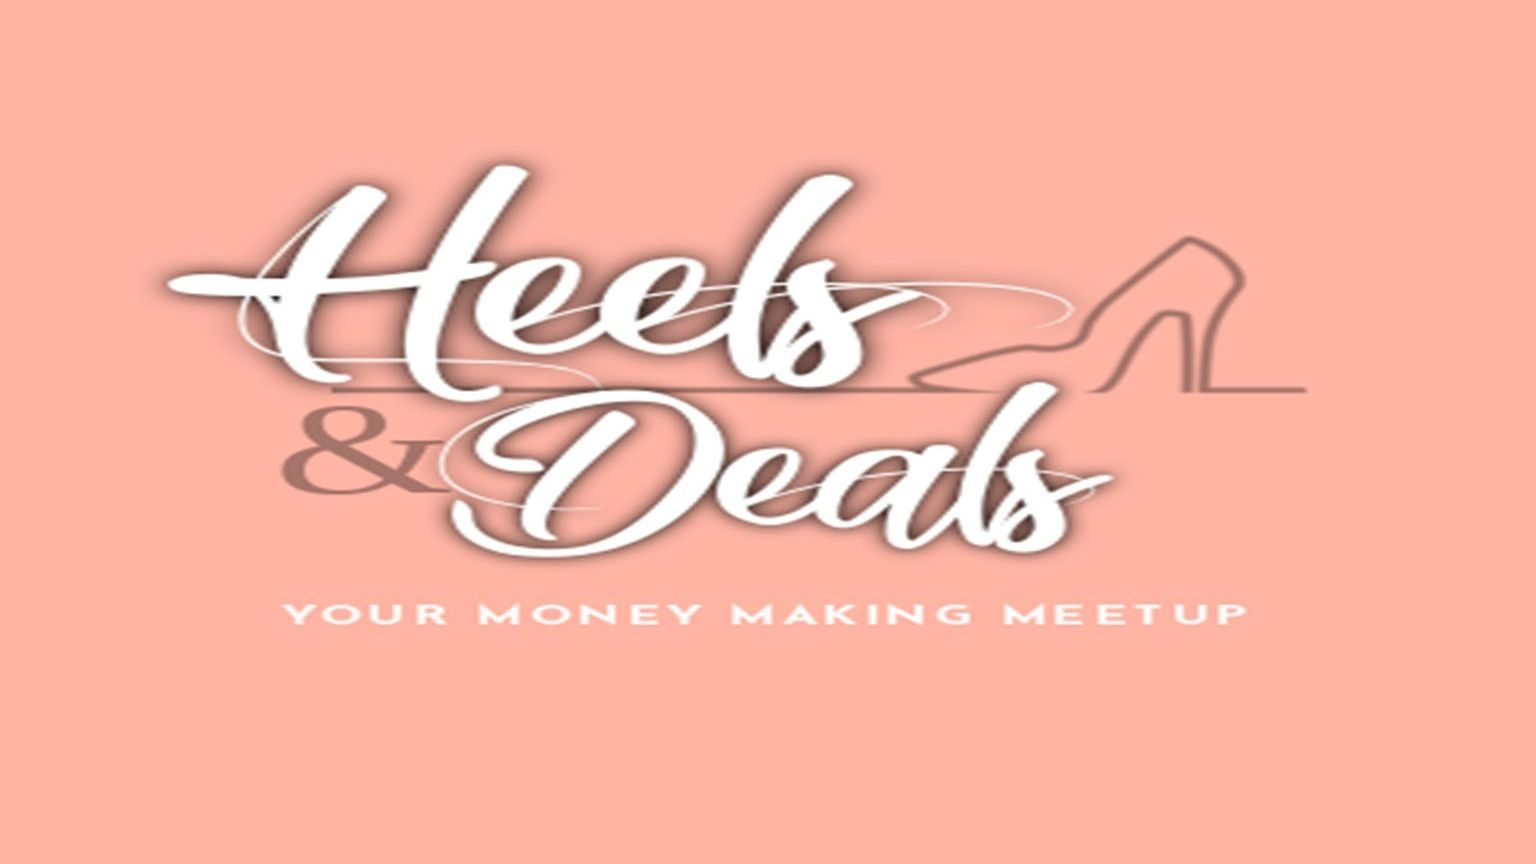 Heels and Deals Meeutp